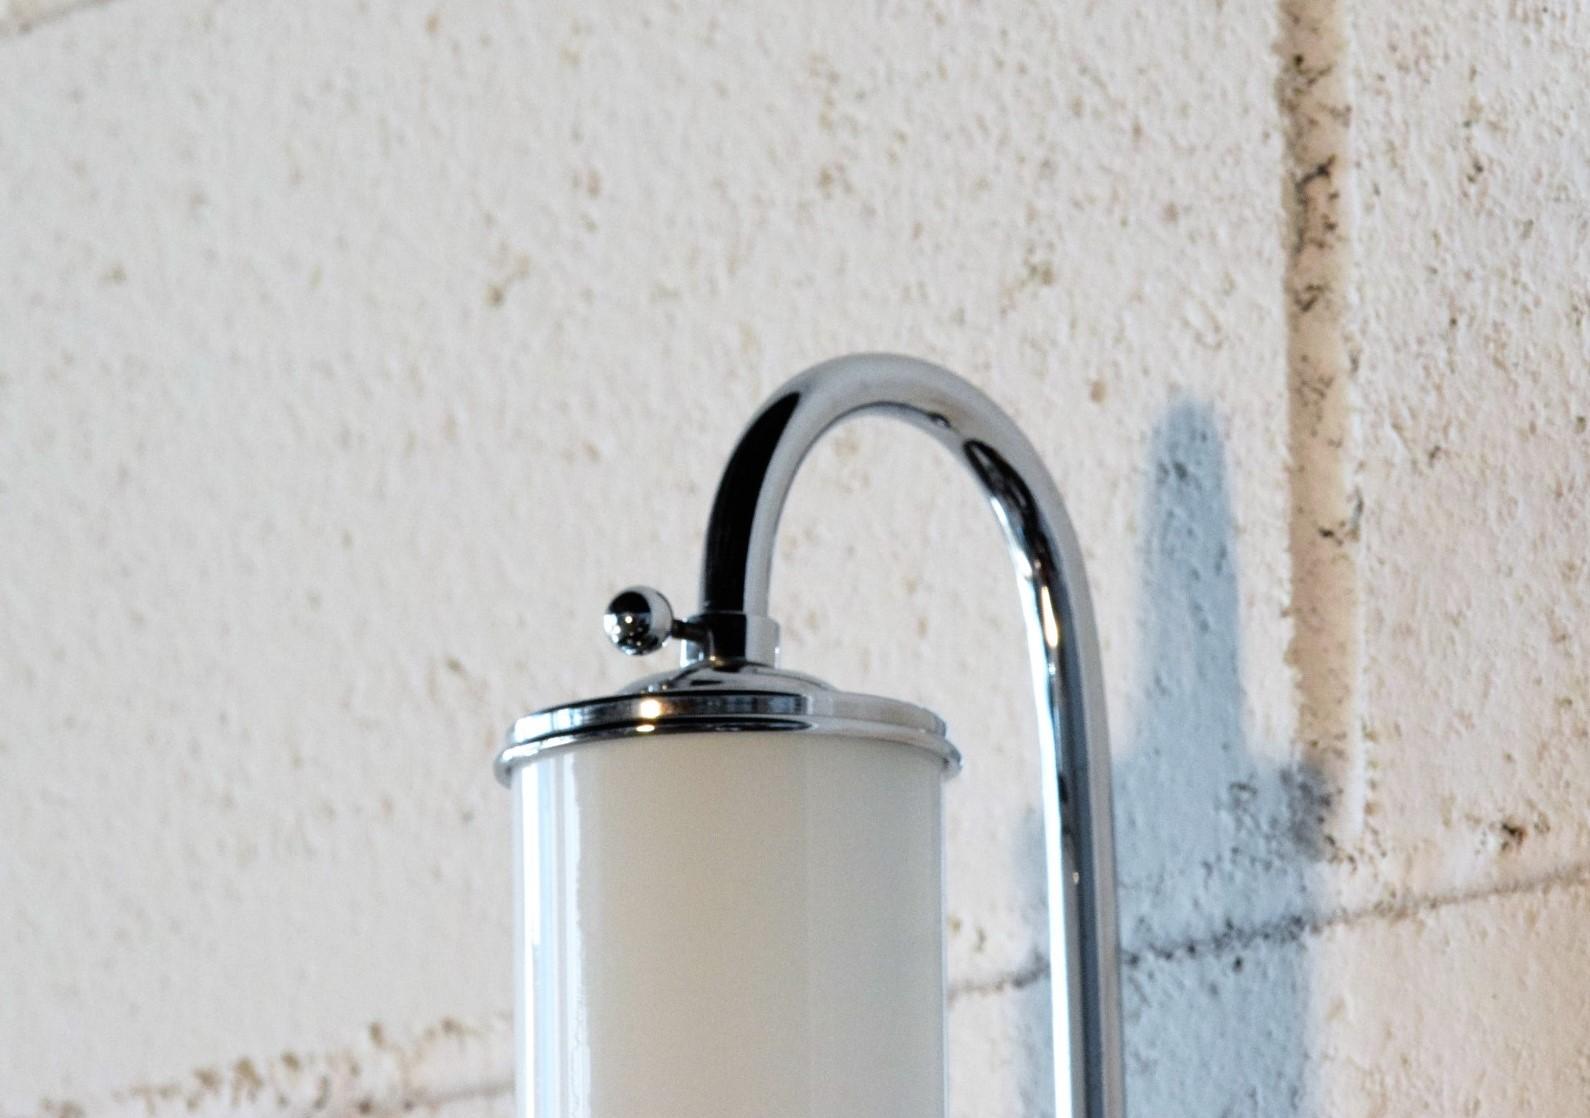 Lampade a parete applique da bagno stile inglese rossi - Lampade da bagno a parete ...